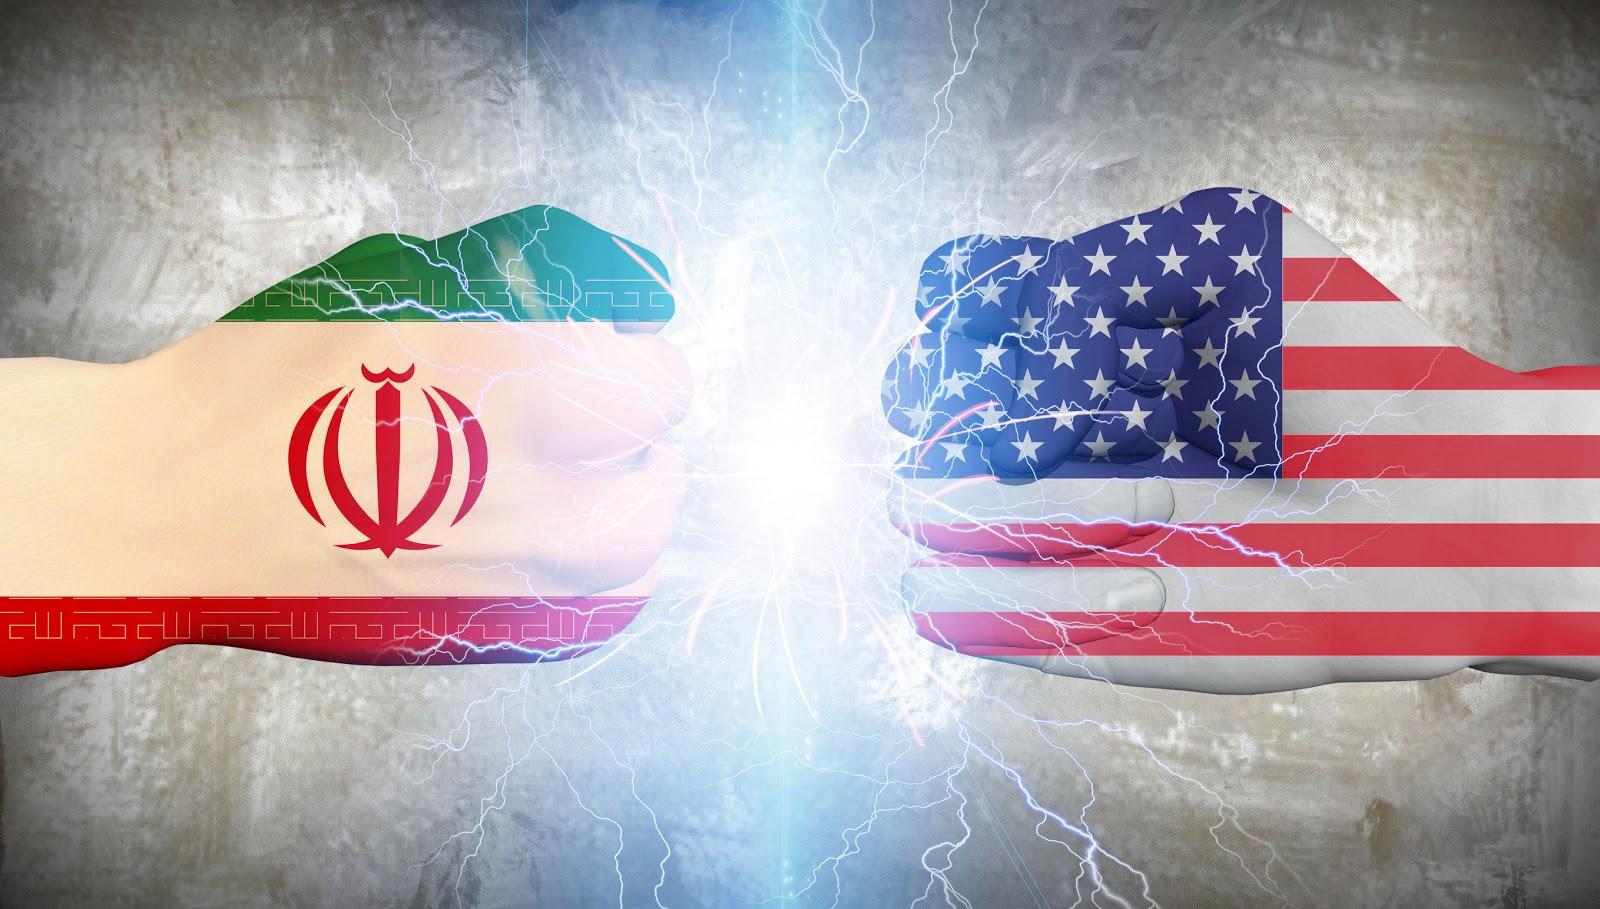 США пытаются сделать Иран виноватым в крушении украинского боинга